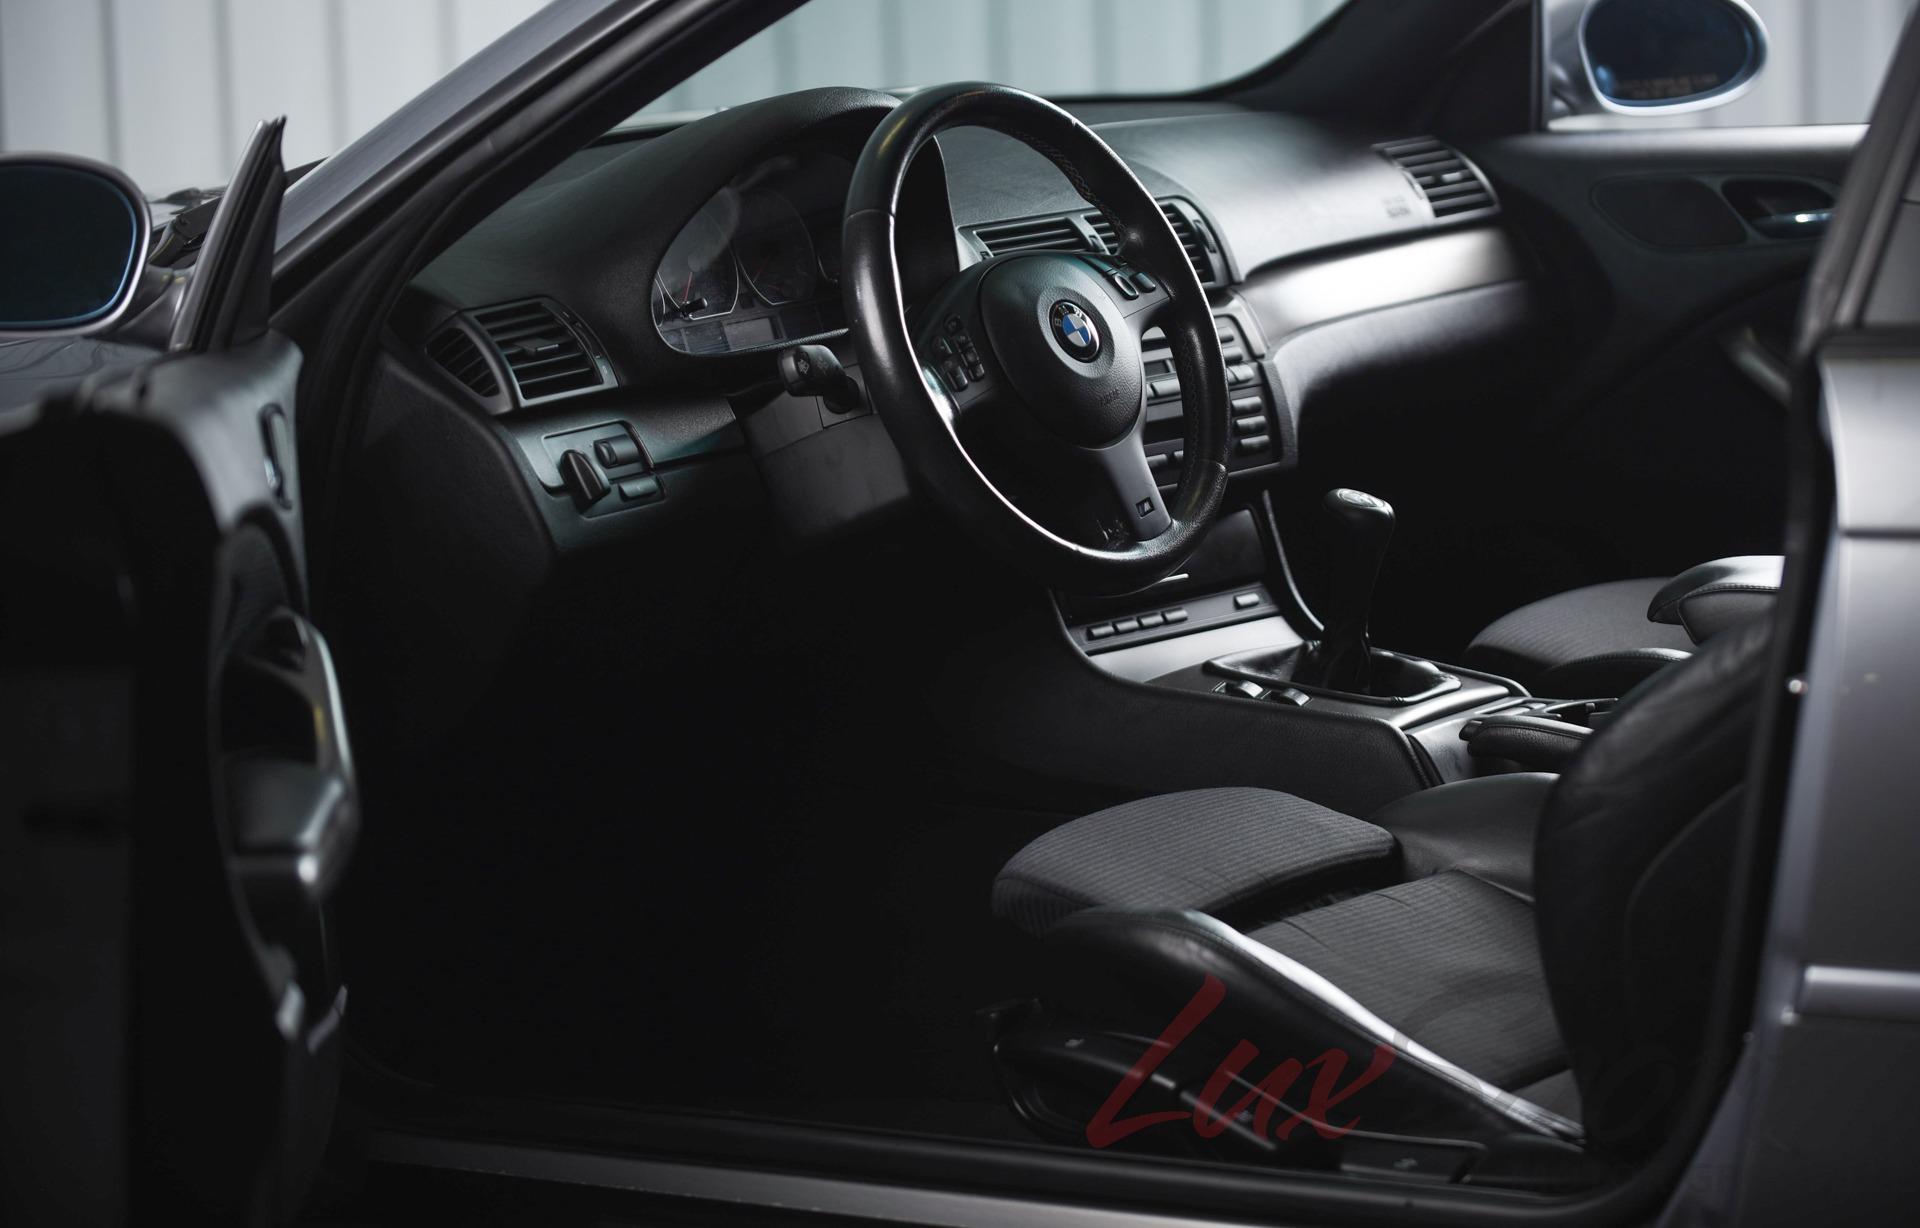 Used 2004 BMW E46 M3 Coupe  | Syosset, NY